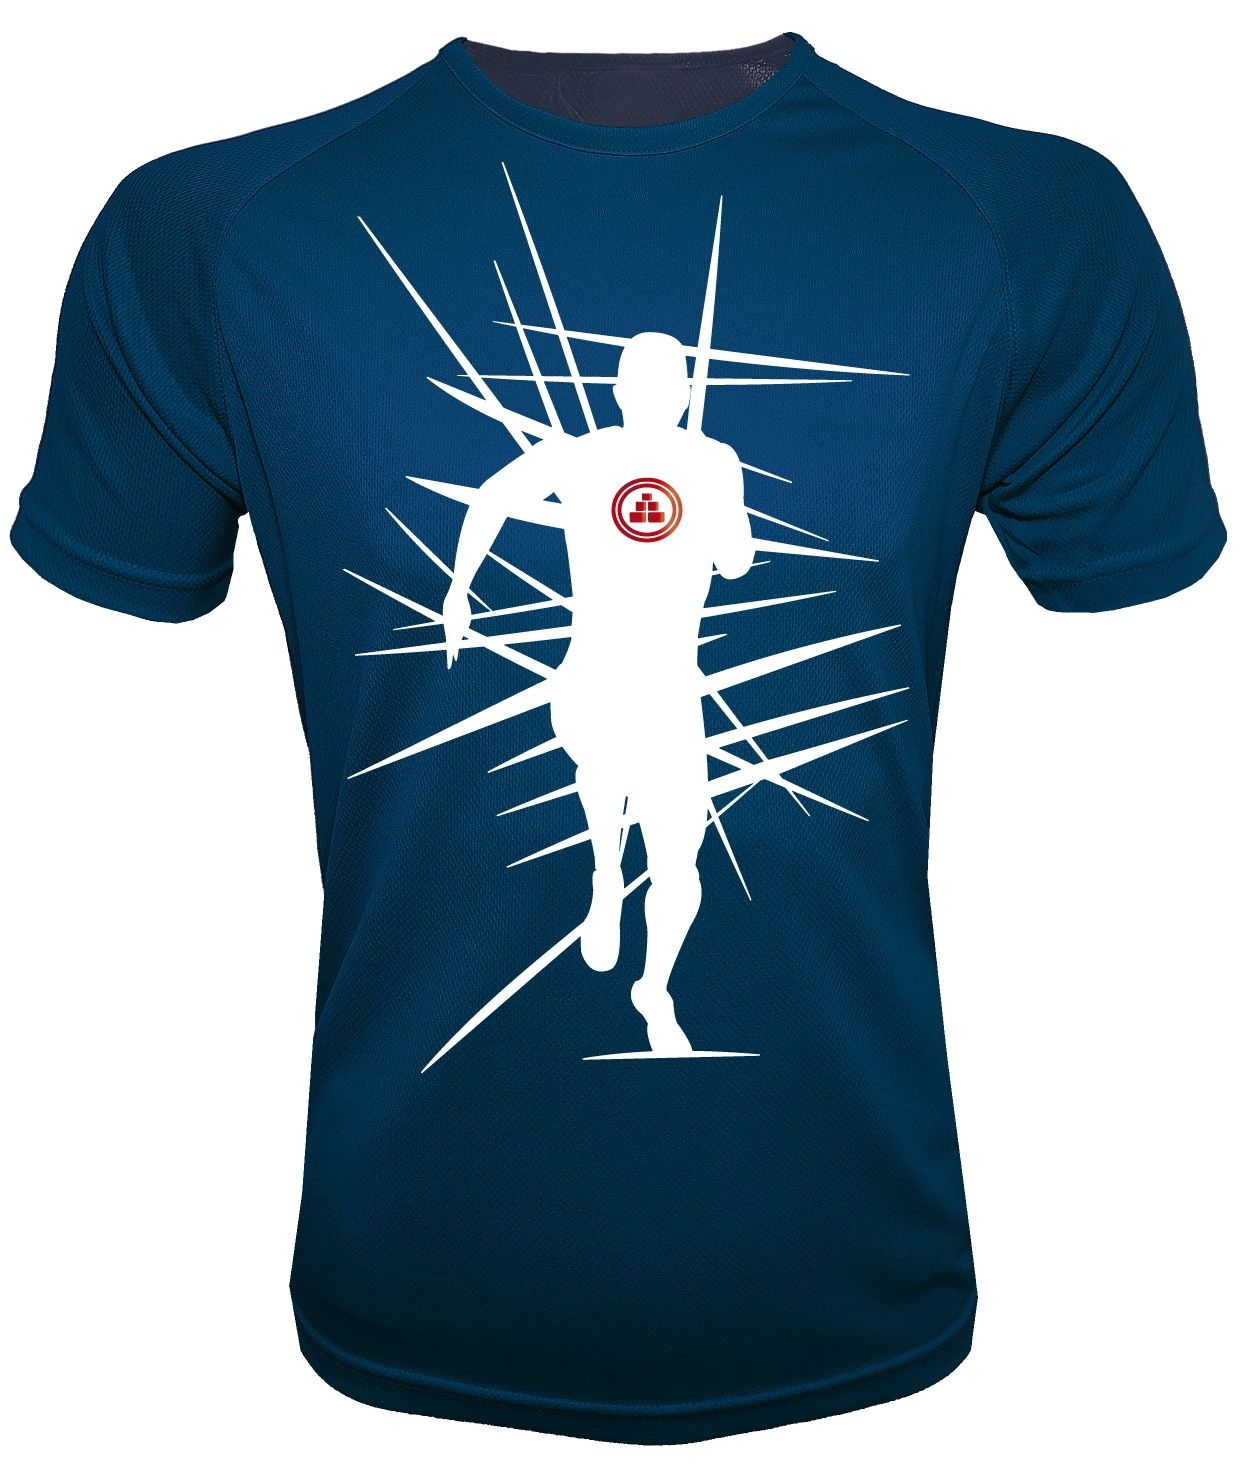 Camiseta de deporte Sprint AM